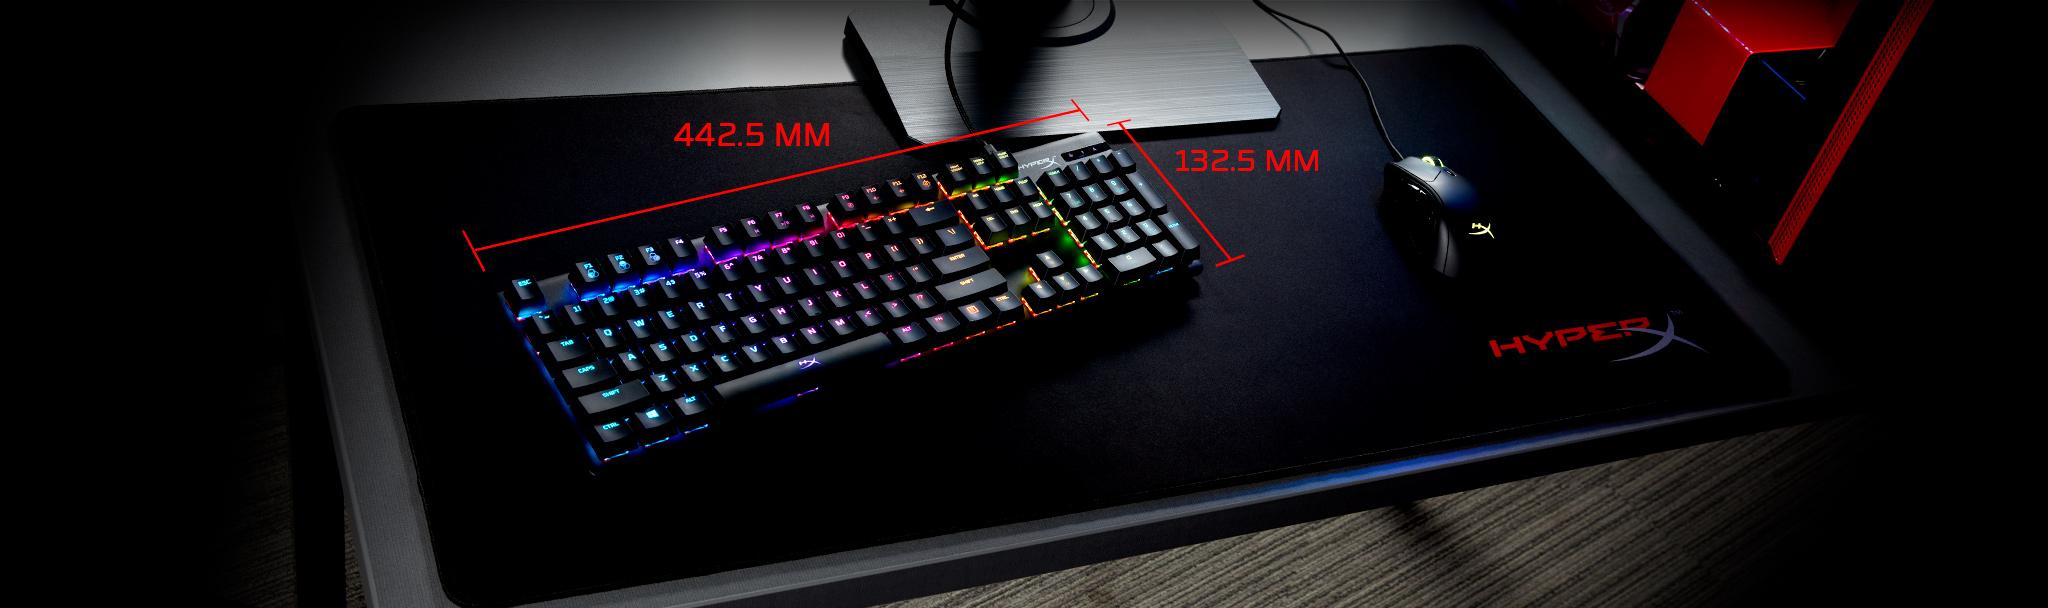 Bàn phím cơ Kingston HyperX Alloy Origins (USB/Led RGB/Aqua Switch/Black) (HX-KB6AQX-US) có kích cỡ gọn gàng